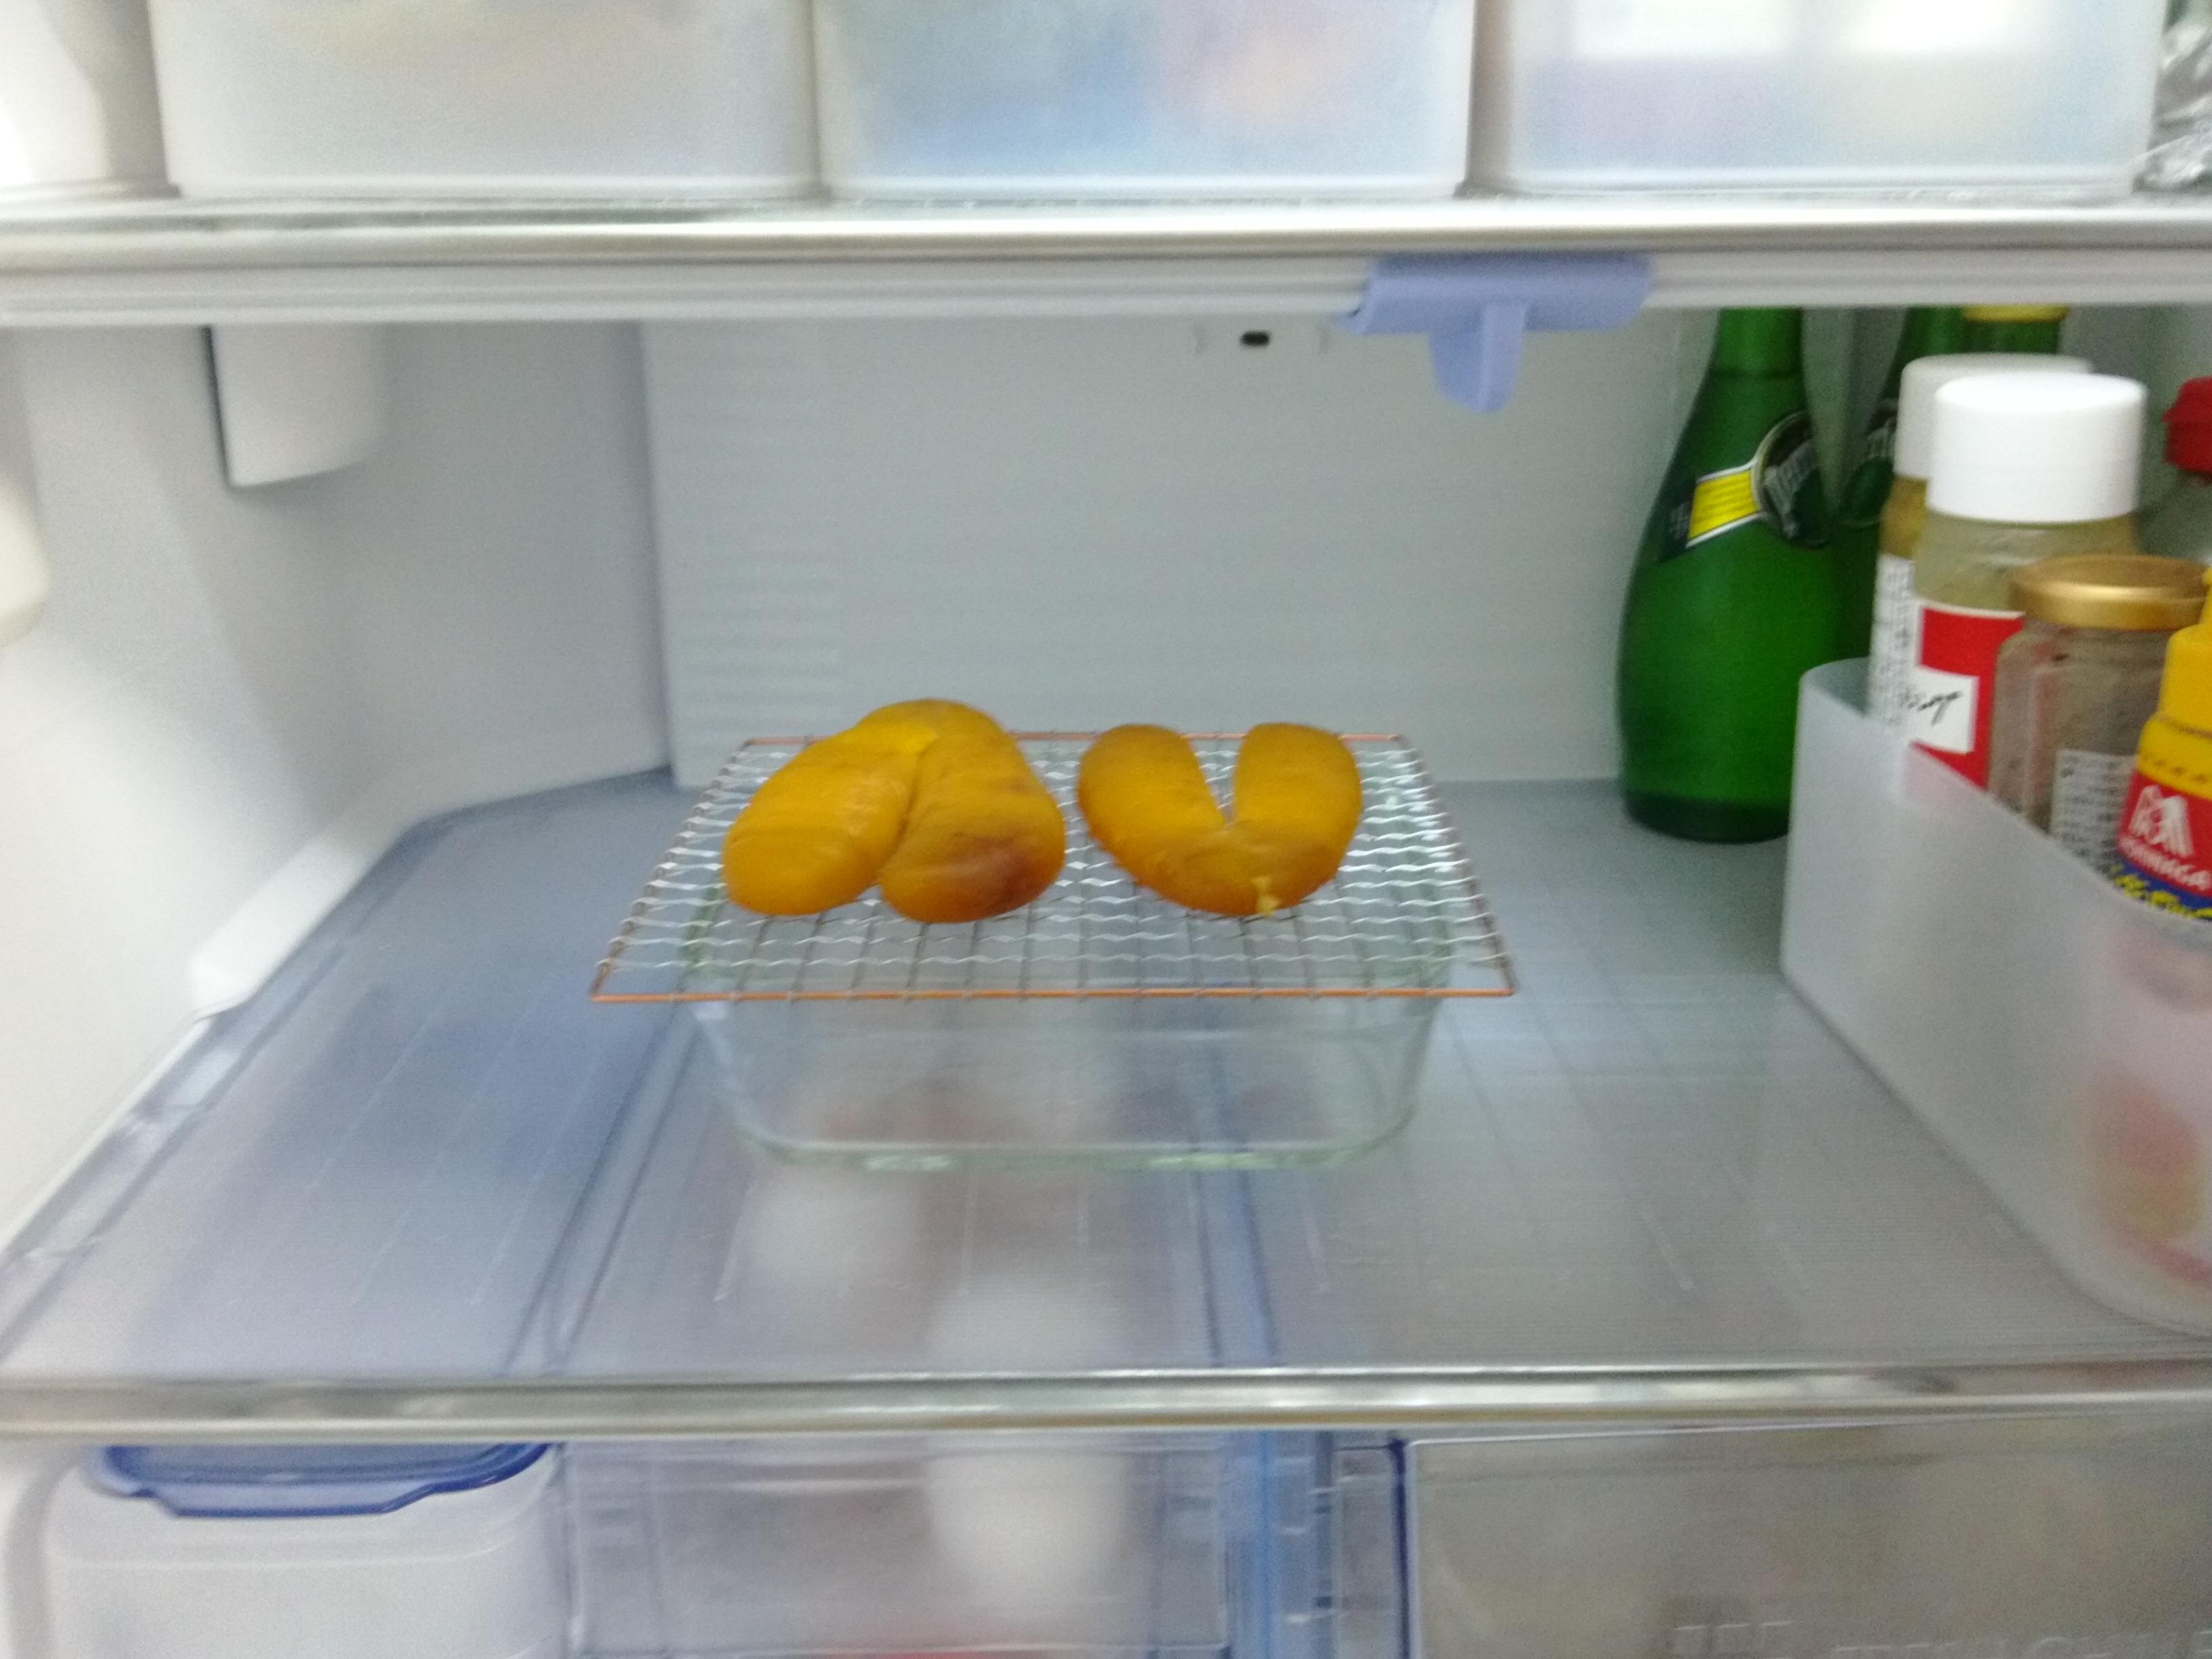 雨の日は冷蔵庫